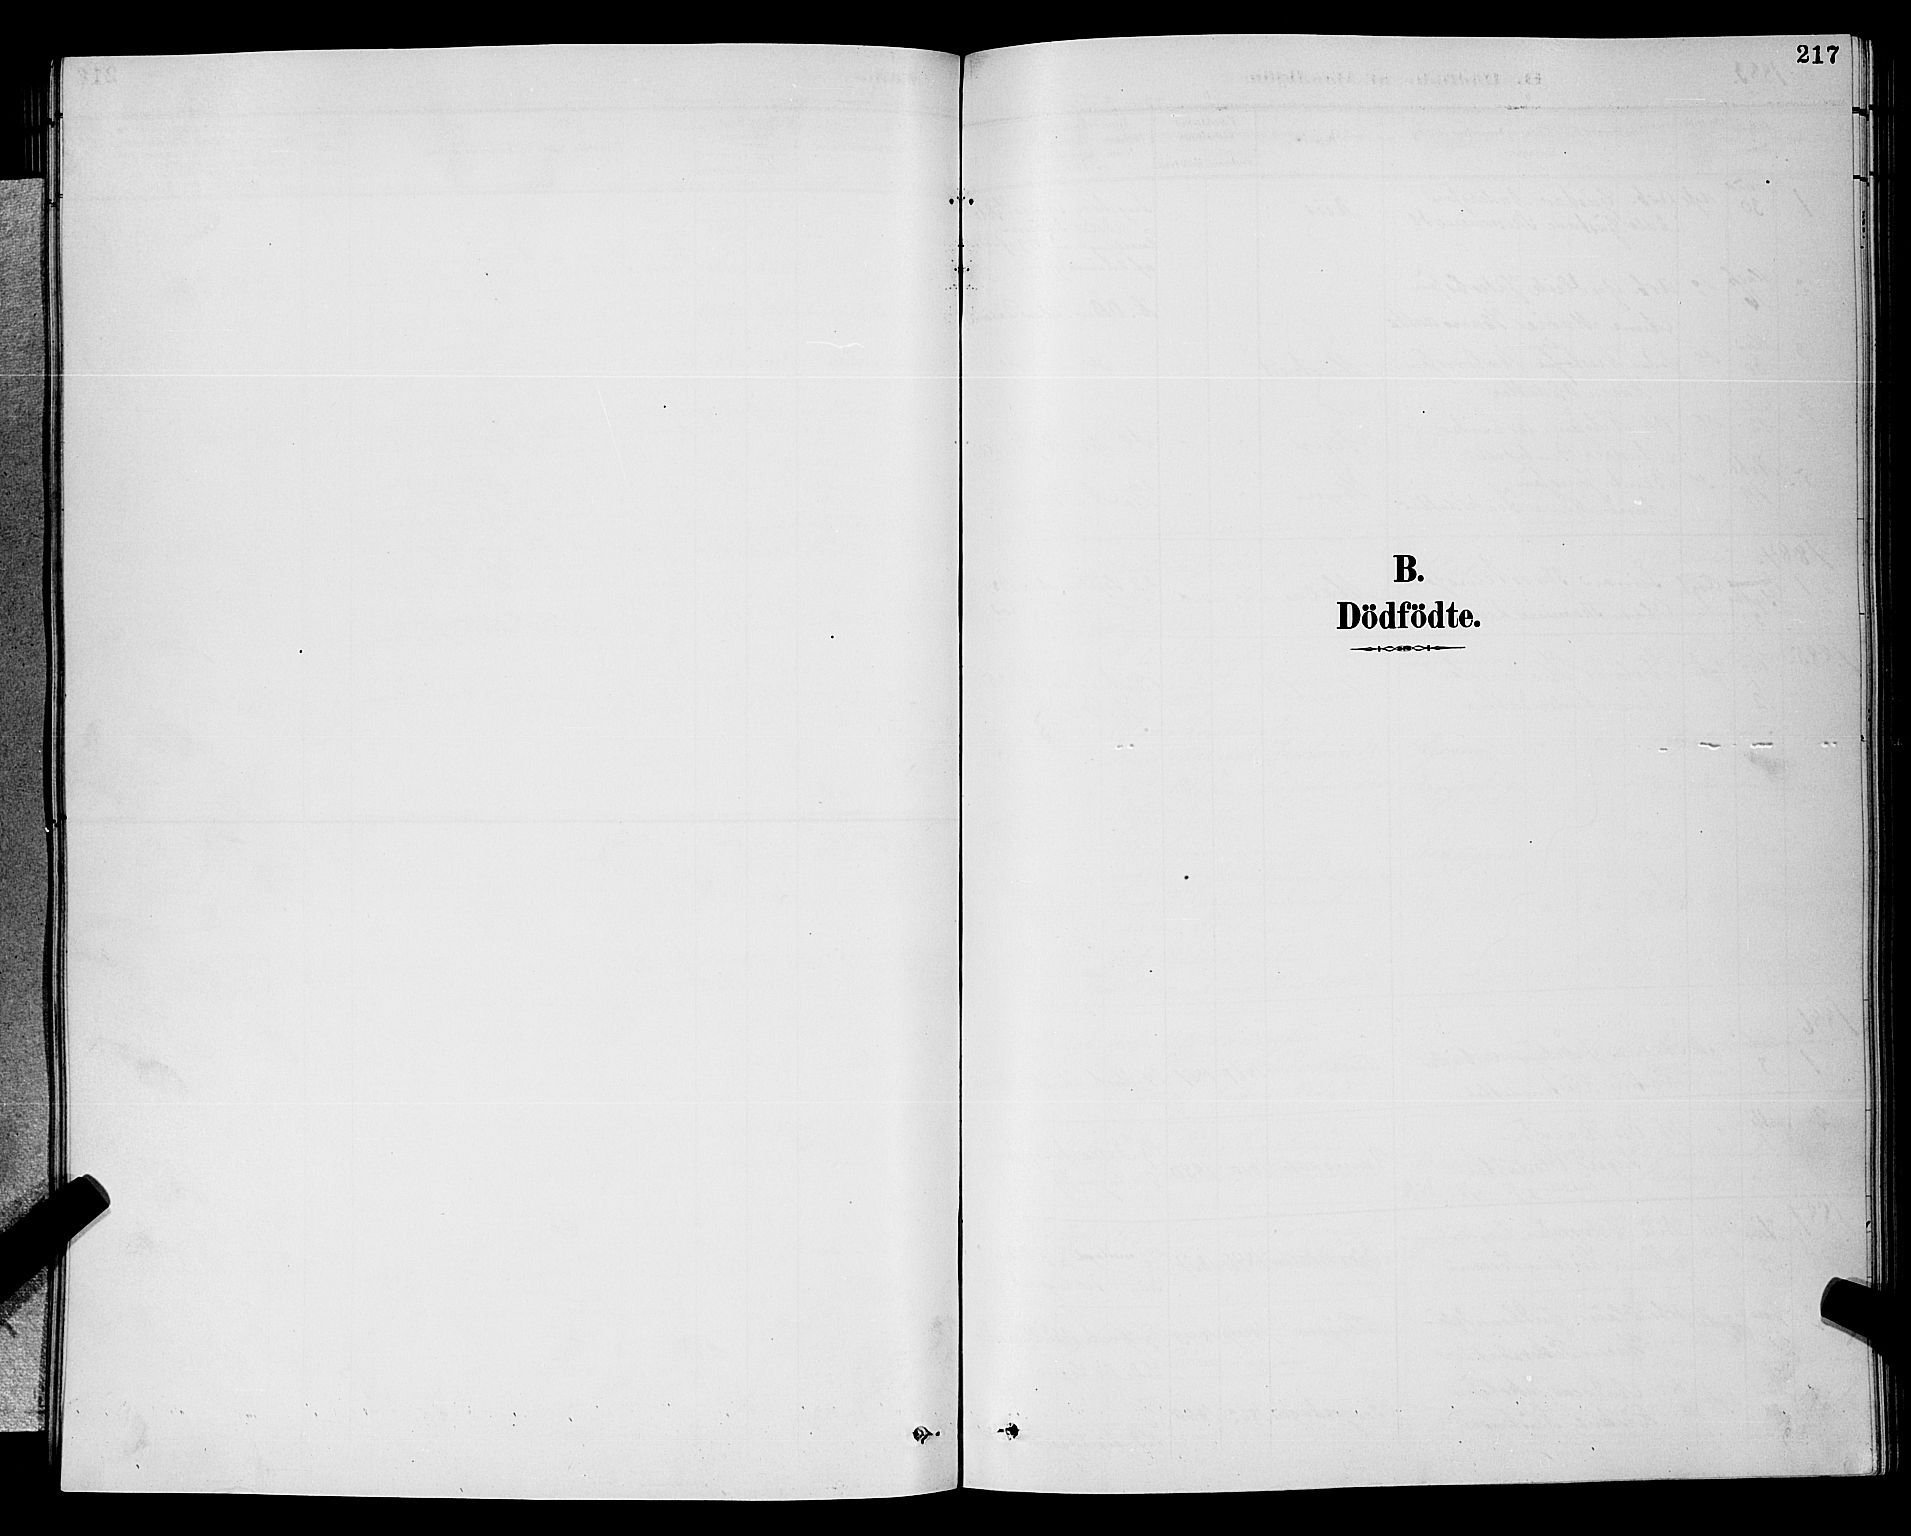 SAKO, Gjerpen kirkebøker, G/Ga/L0002: Klokkerbok nr. I 2, 1883-1900, s. 217